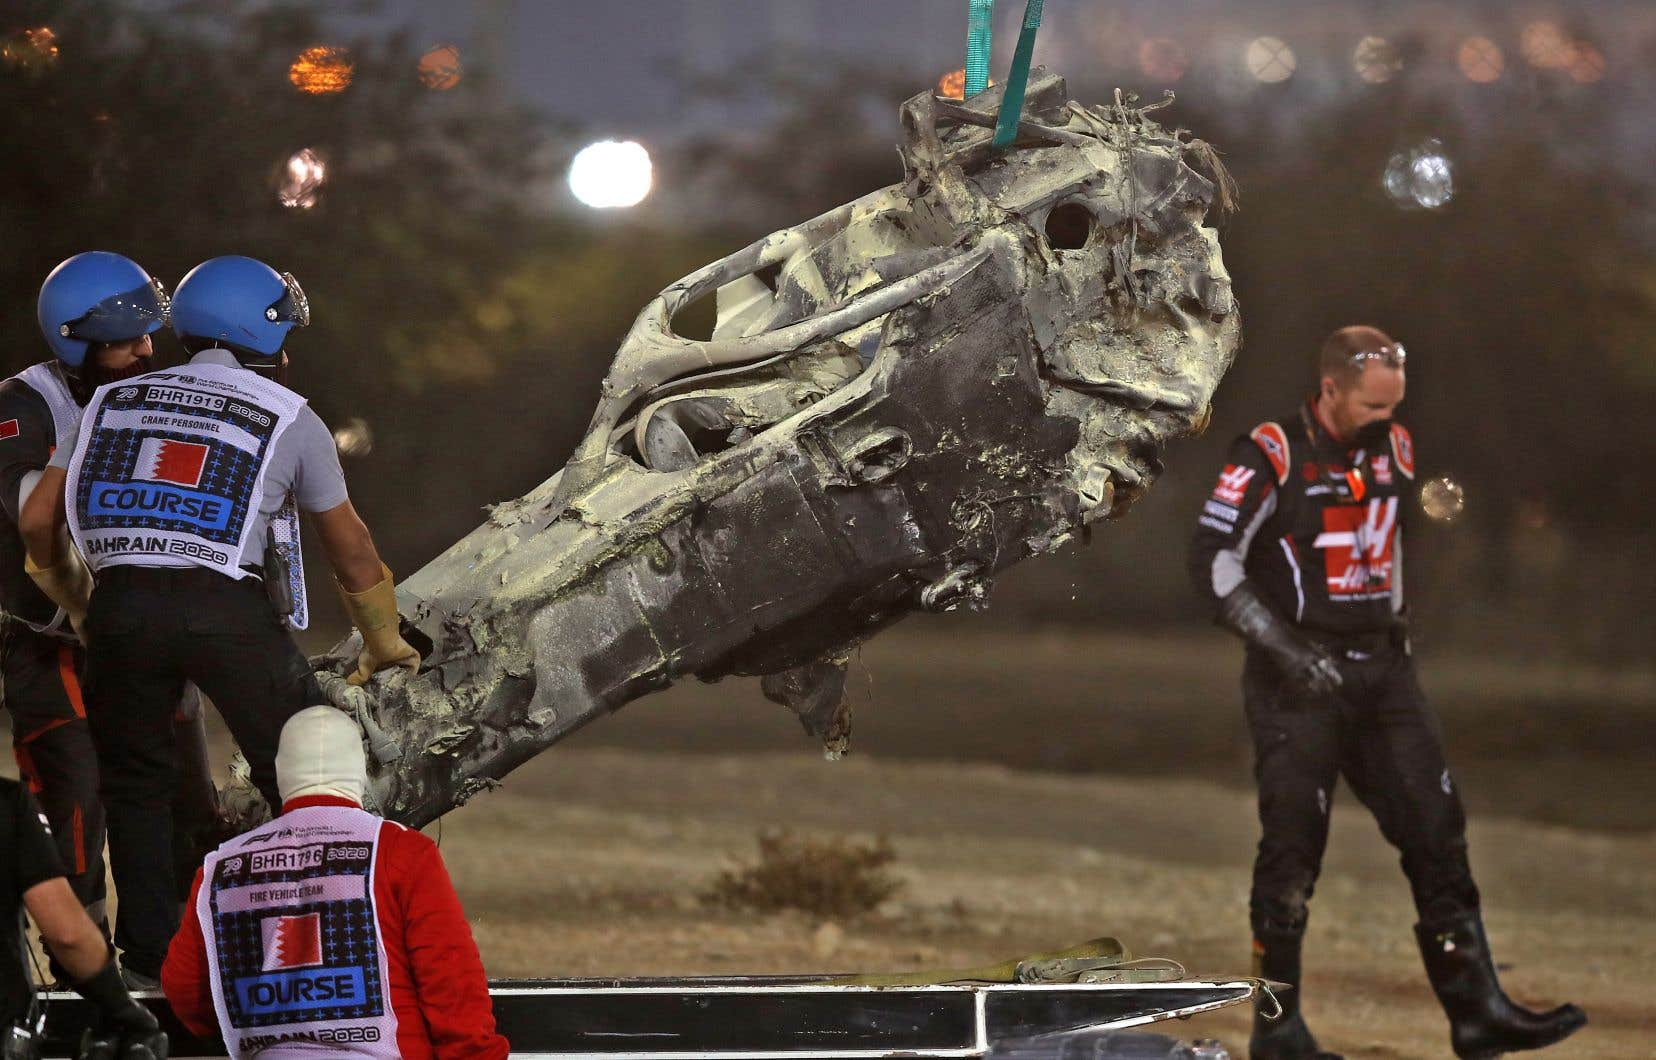 L'habitacle s'est séparé du reste du bolide, avant de s'encastrer dans le rail de sécurité, en flammes. Romain Grosjean est lui-même sorti du véhicule, ne souffrant que de légères brûlures.